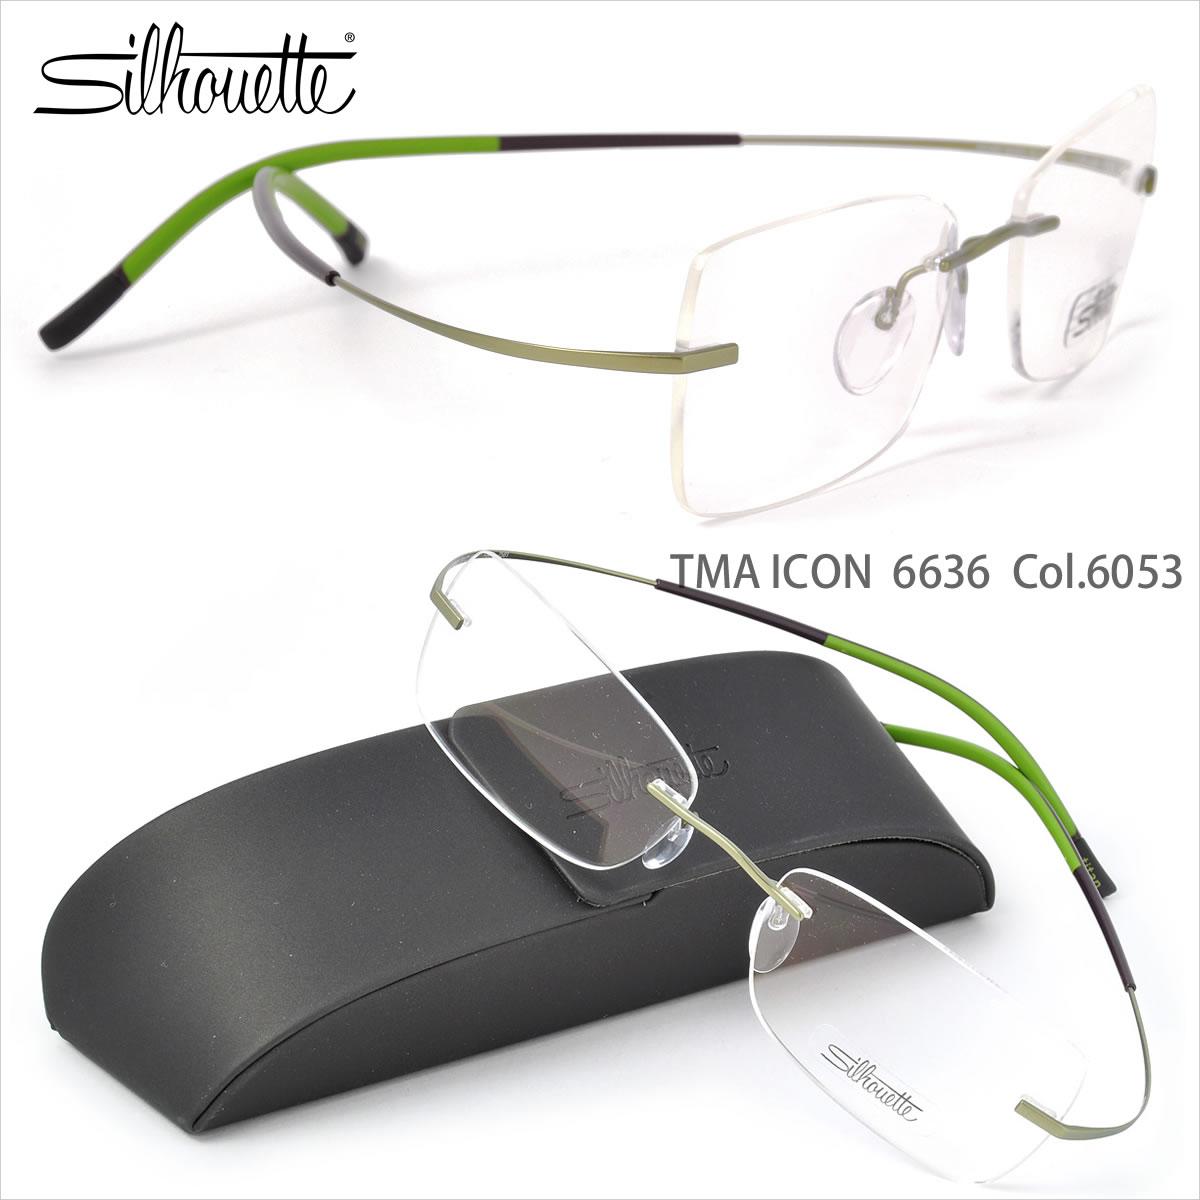 780d0ee99de Silhouette glasses titanium minimal art icon 6636 6053 51 size Silhouette  TITAN MINIMAL ART TMA ICON ...